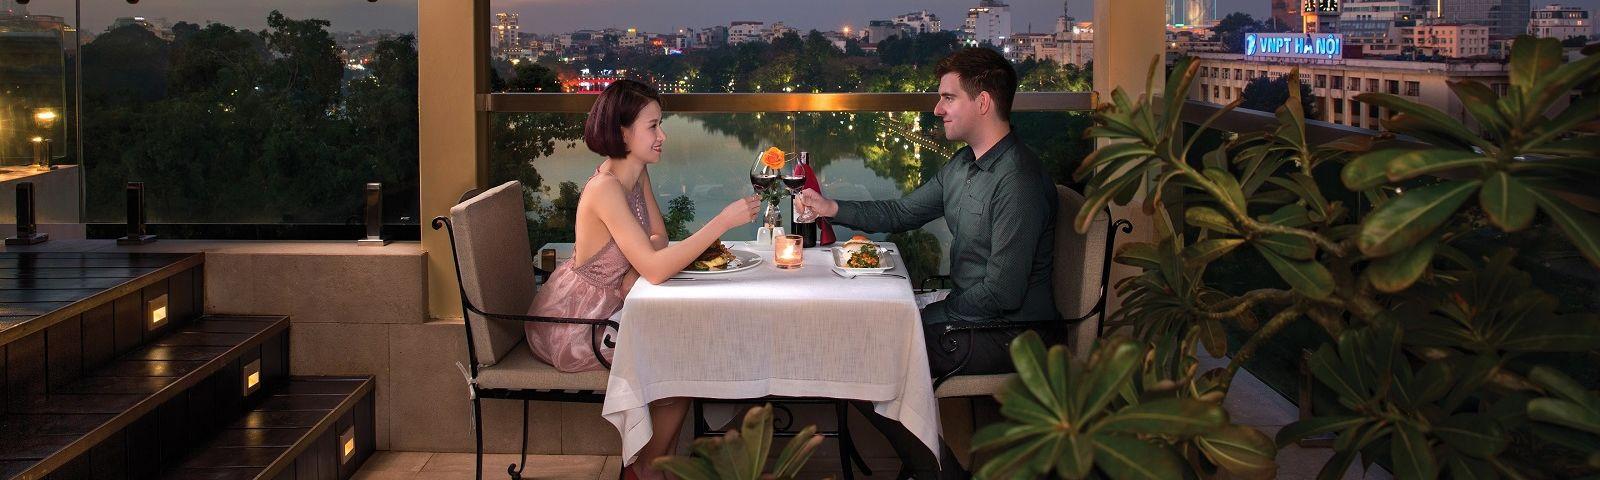 Restaurant at Silk Path Hotel in Hanoi, Vietnam